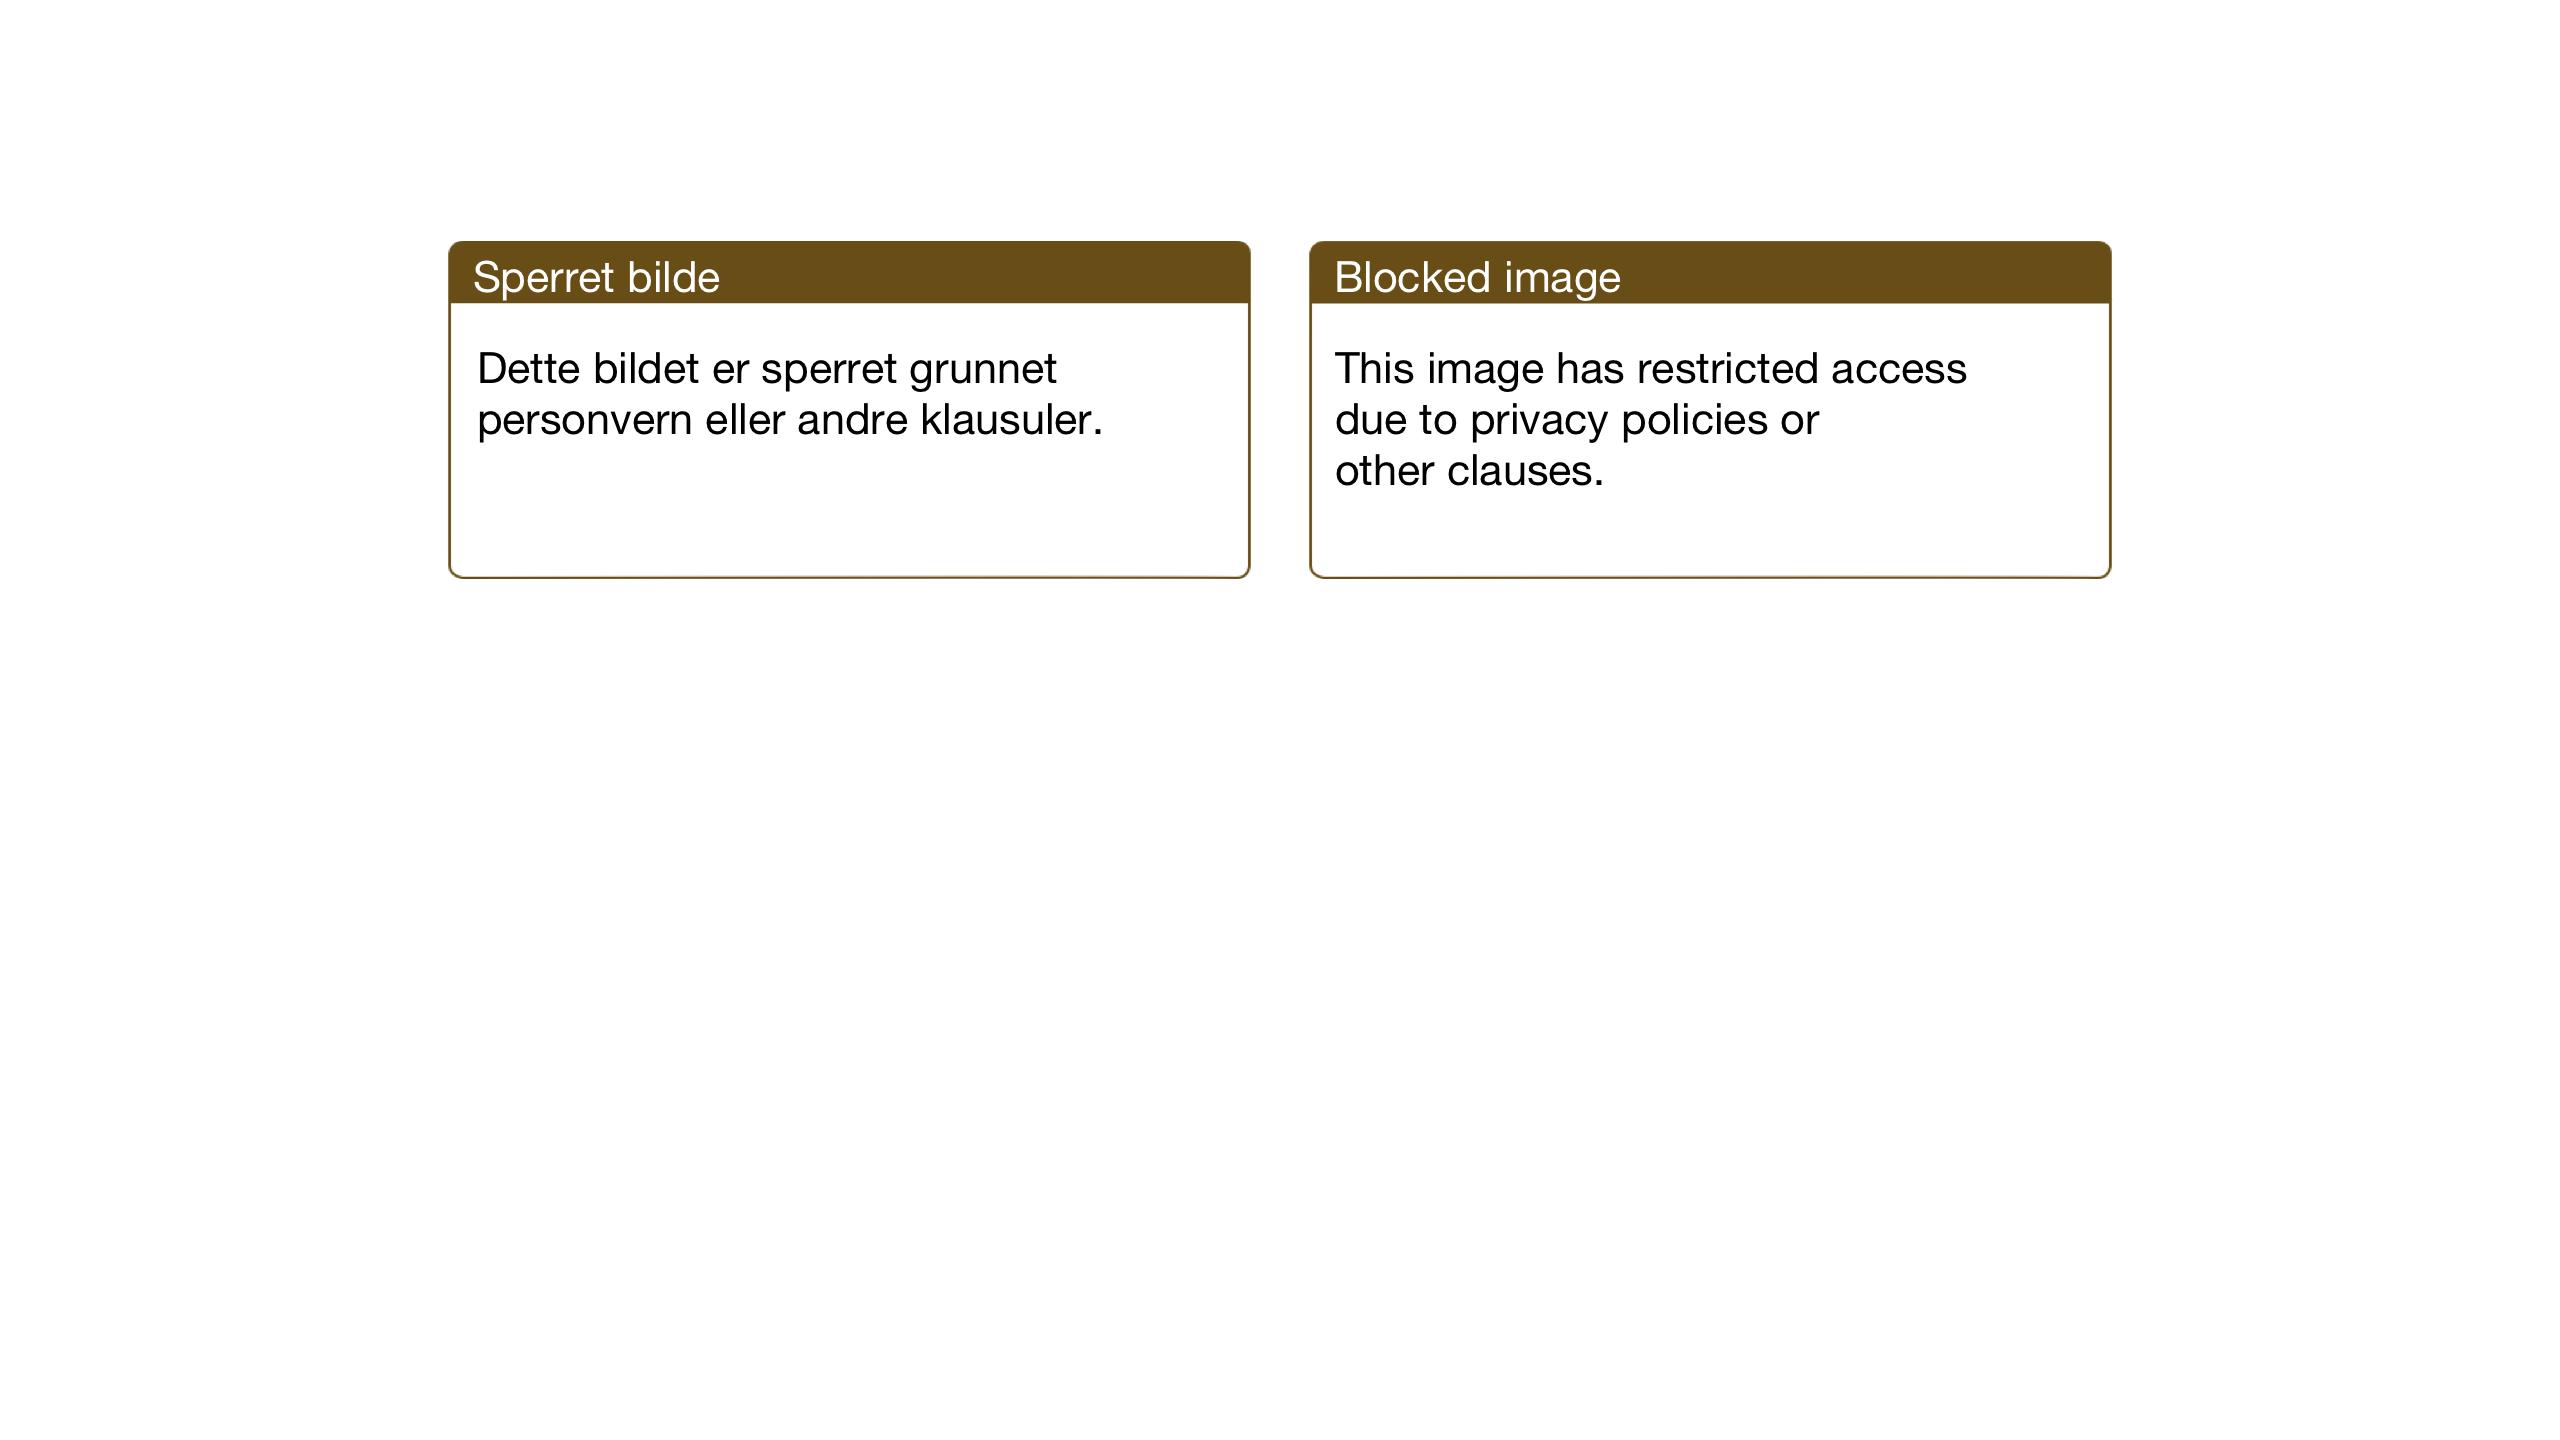 SAT, Ministerialprotokoller, klokkerbøker og fødselsregistre - Sør-Trøndelag, 637/L0564: Klokkerbok nr. 637C05, 1928-1968, s. 54